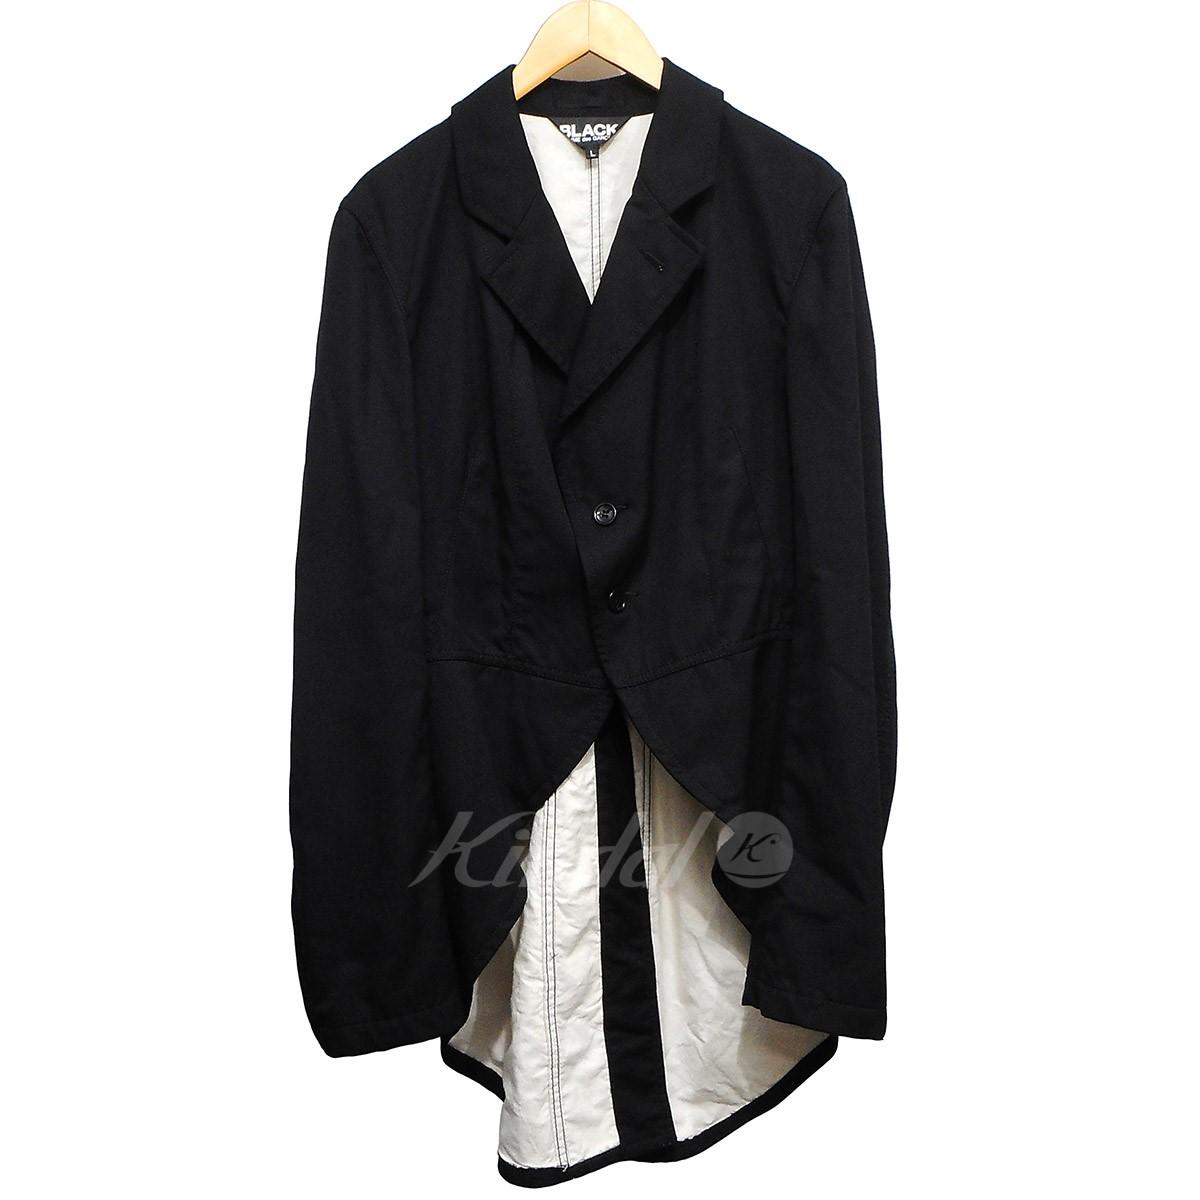 【中古】BLACK COMME des GARCONS ウールギャバ燕尾ロングジャケット ブラック サイズ:L 【160419】(ブラックコムデギャルソン)